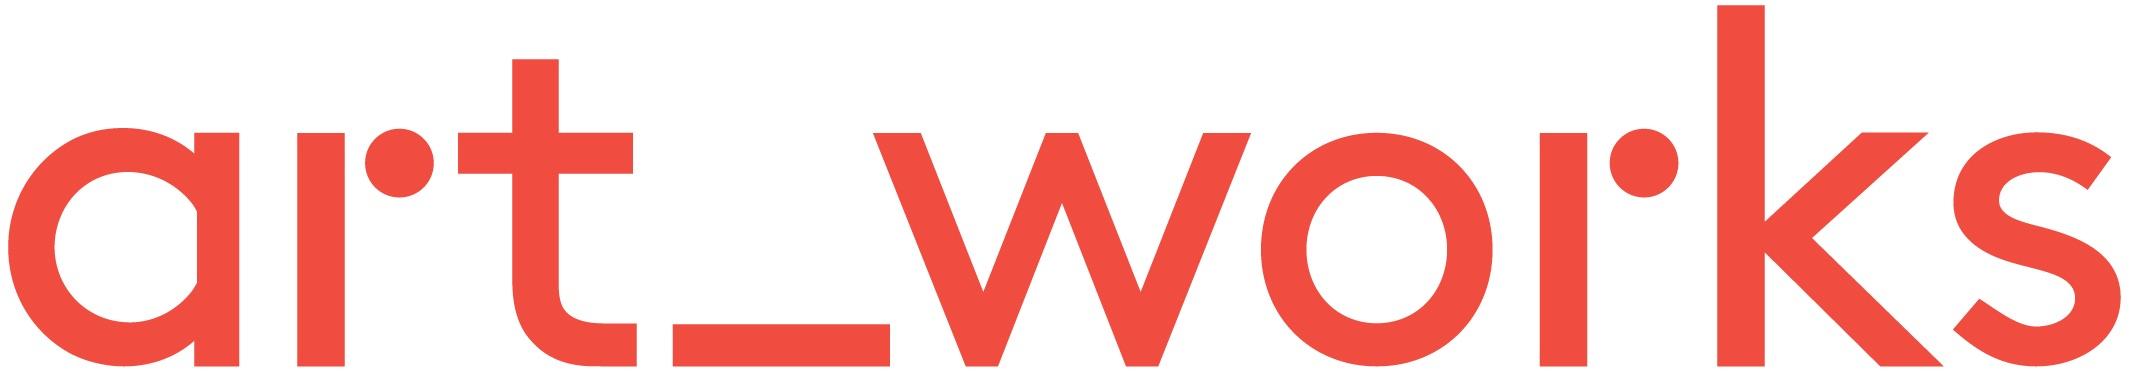 Logotype_Red.jpg